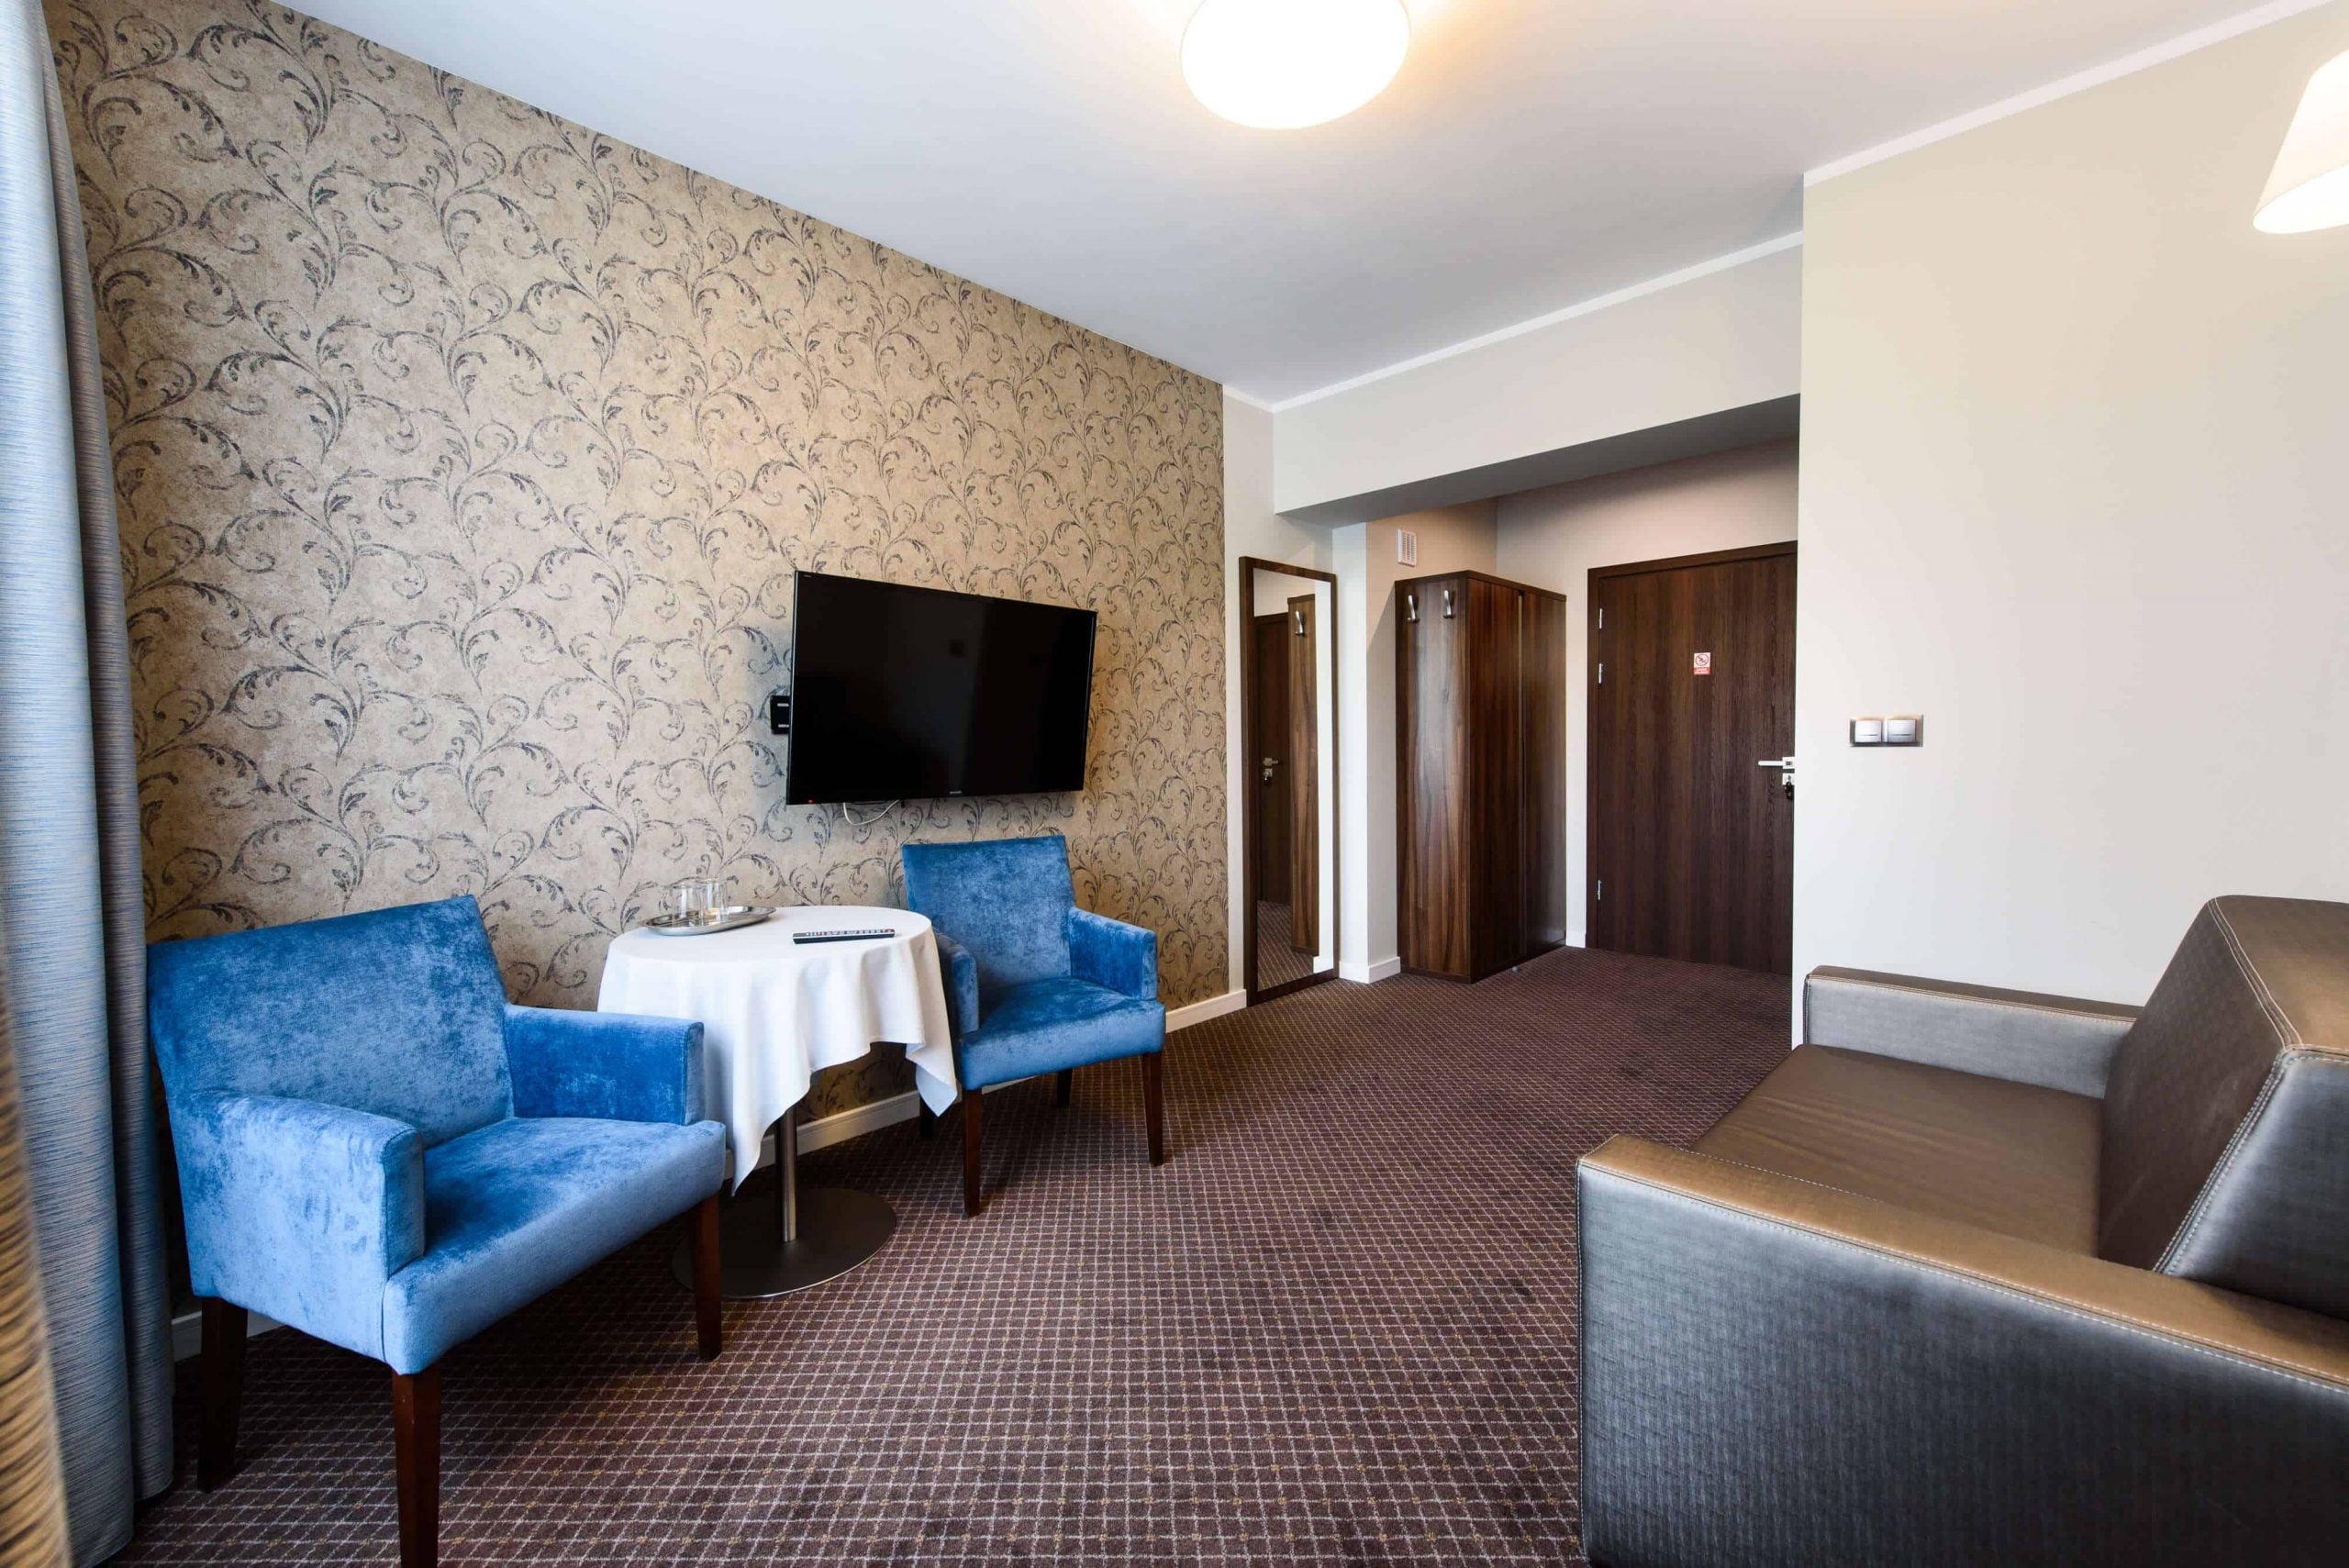 Apartament-lux-19-1_1